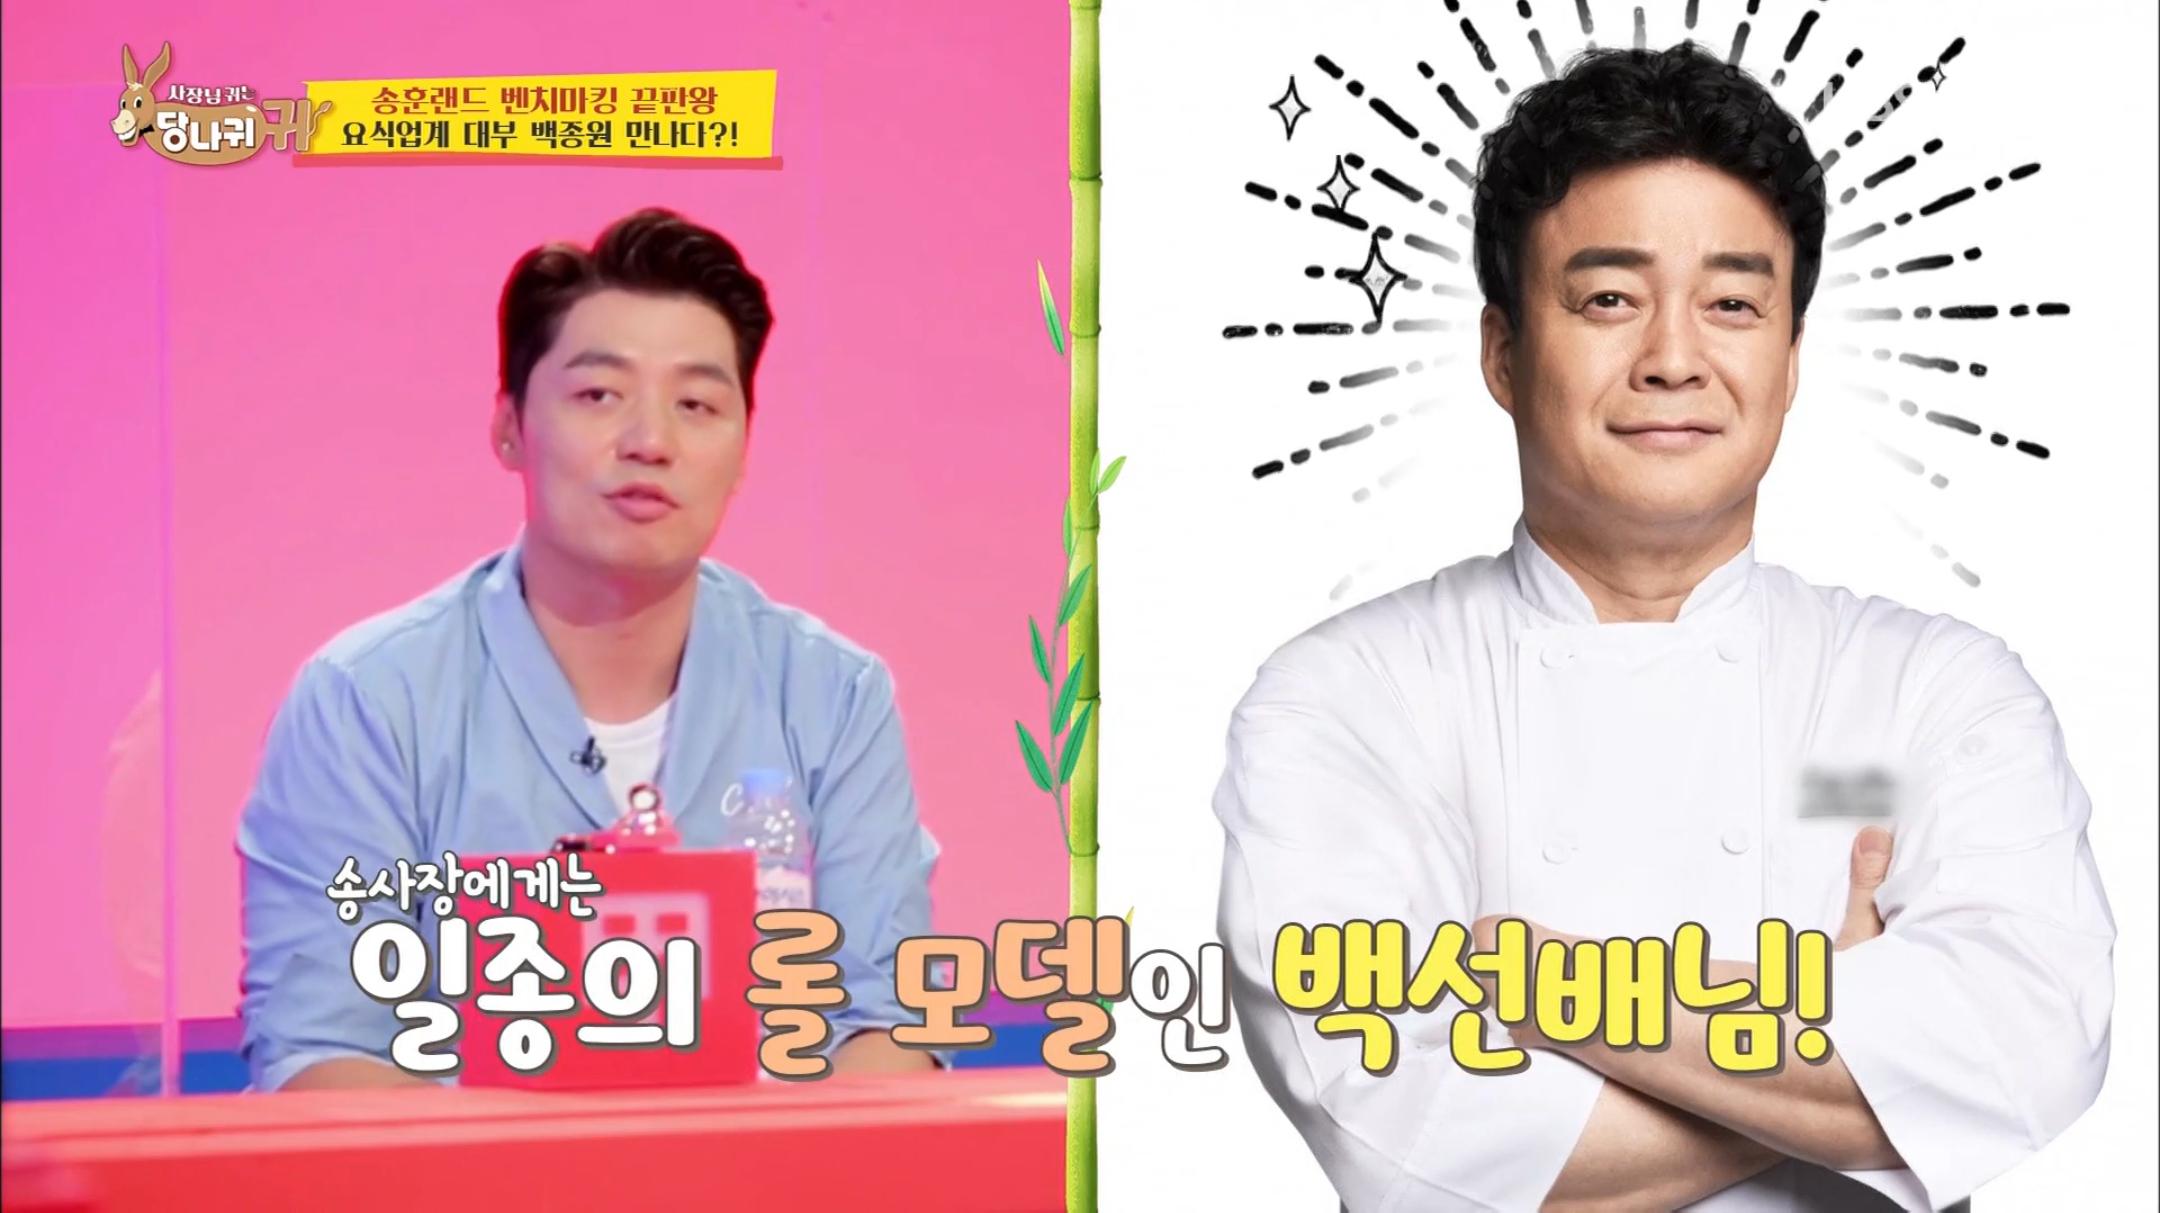 """'당나귀 귀' 송훈, 제주도 '백종원 호텔'에 '질투 폭발'… """"솔직히 배 아프다"""""""